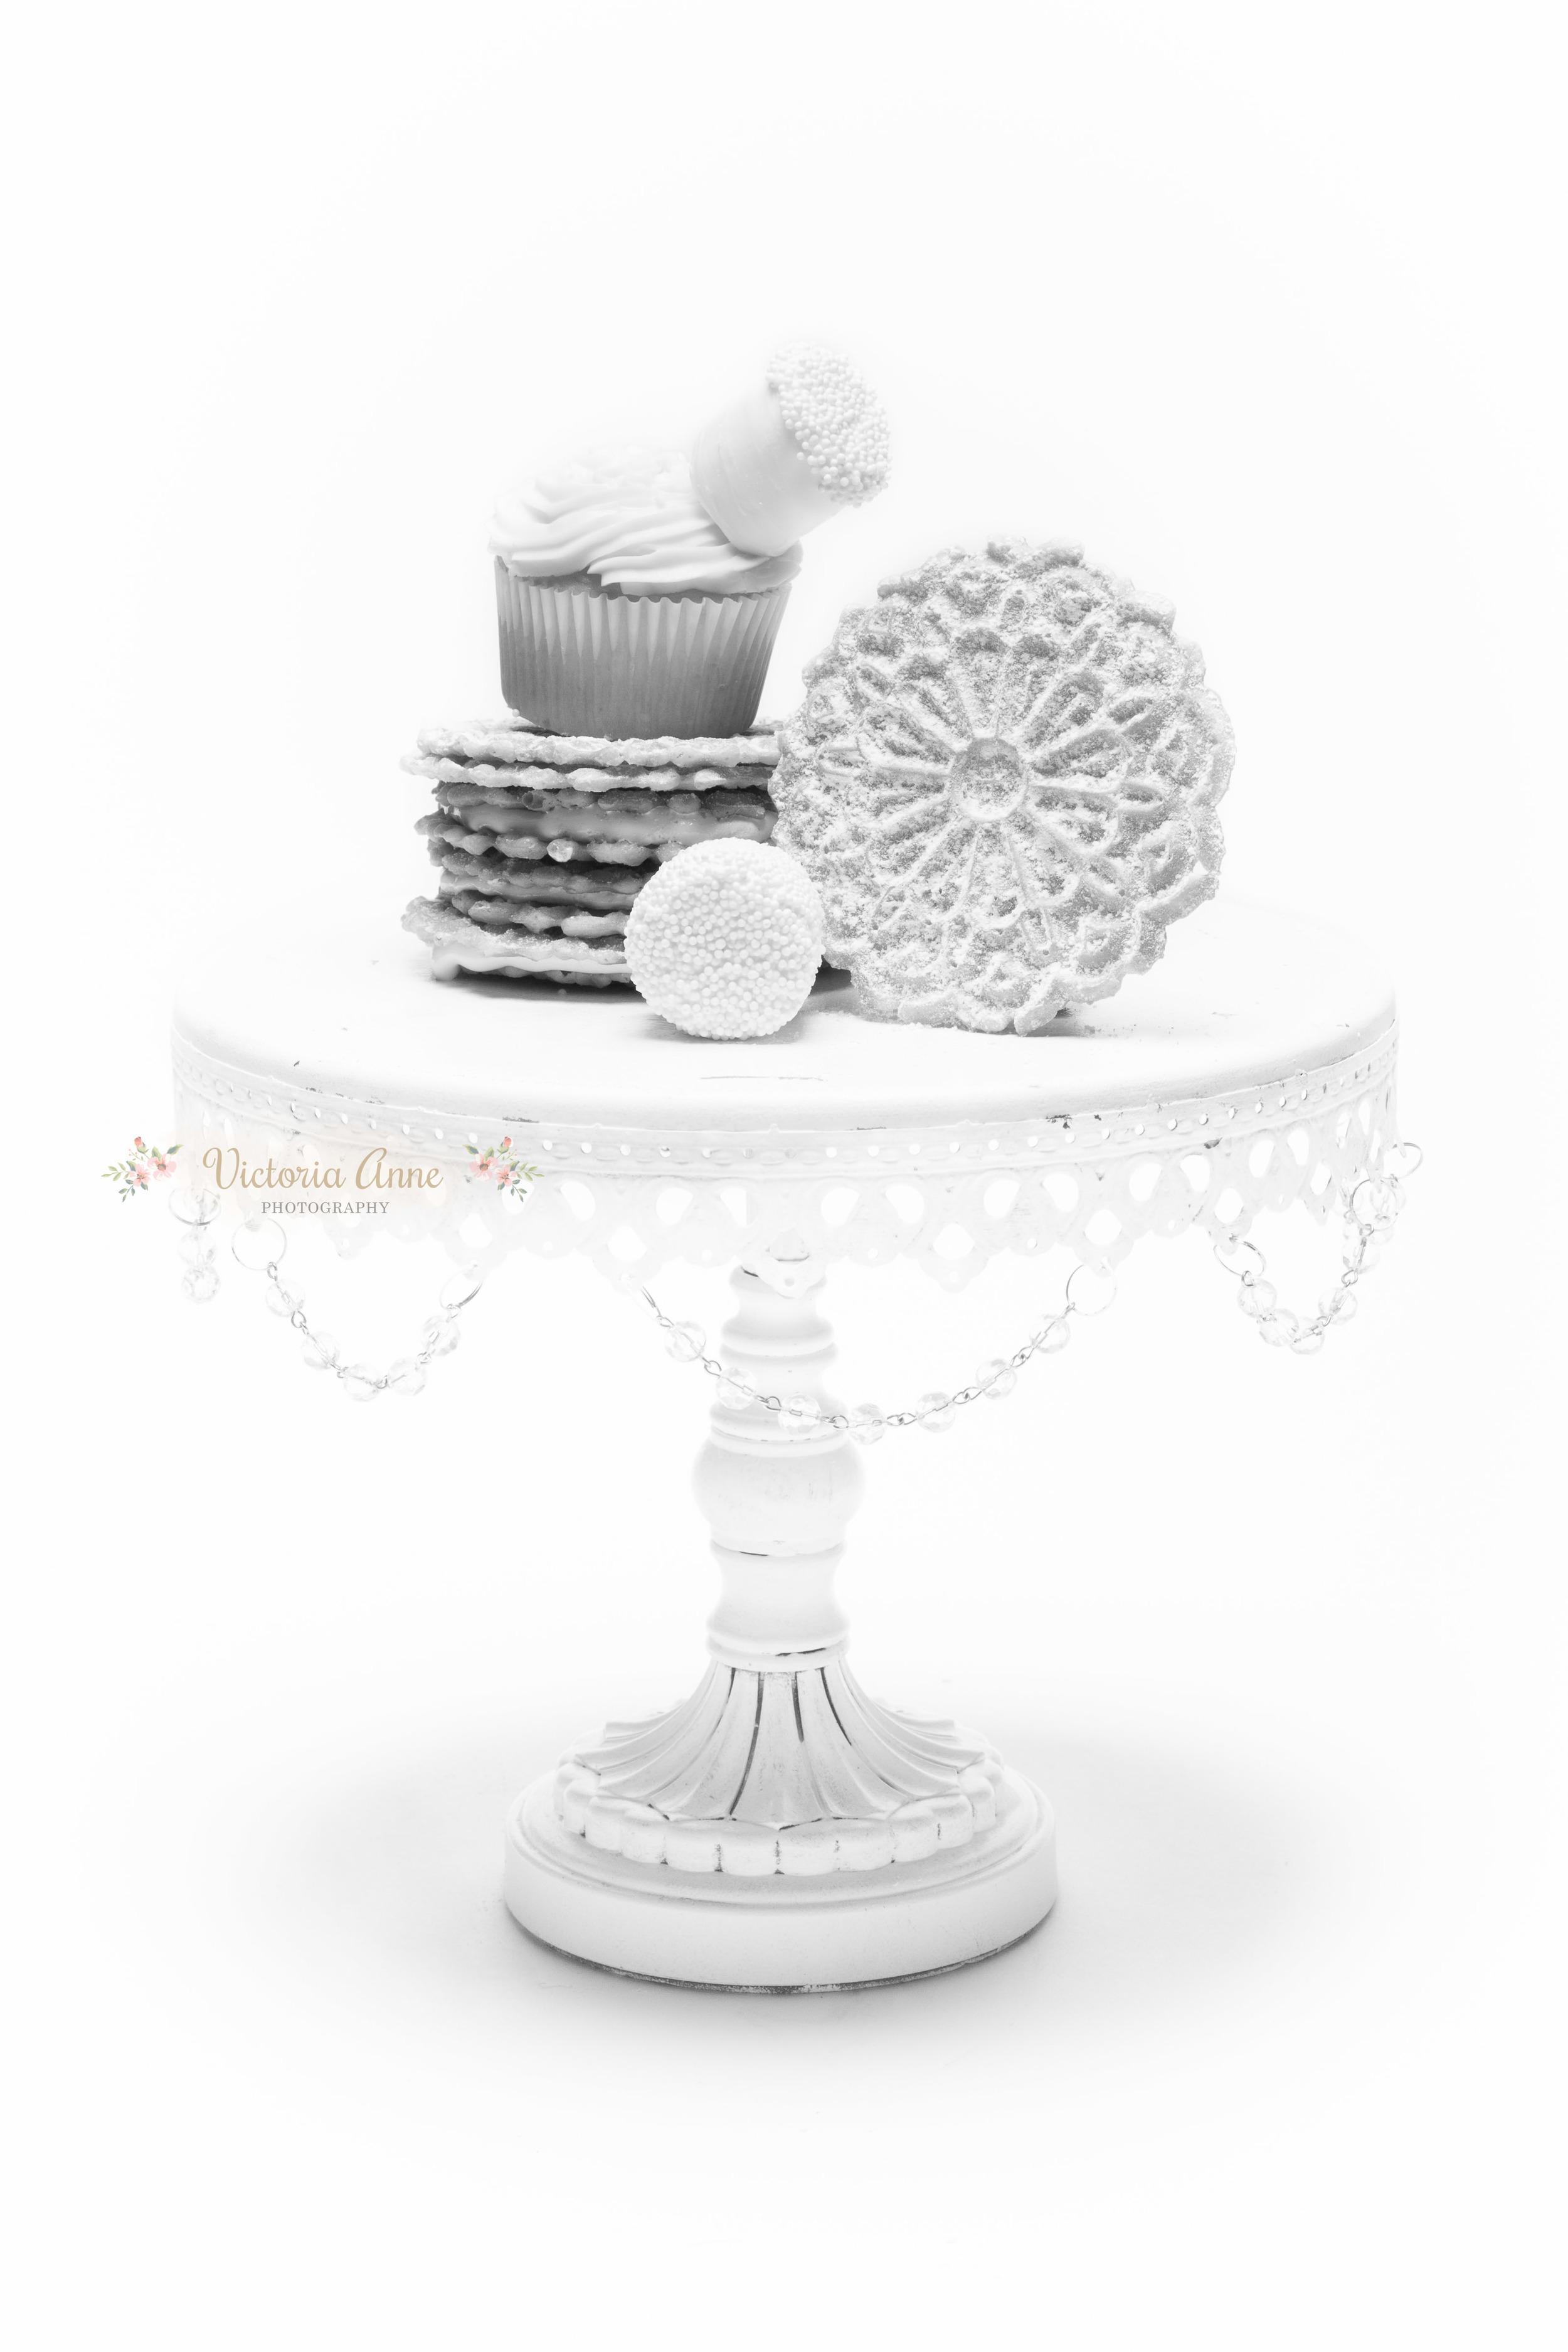 20151021-White on white-2012